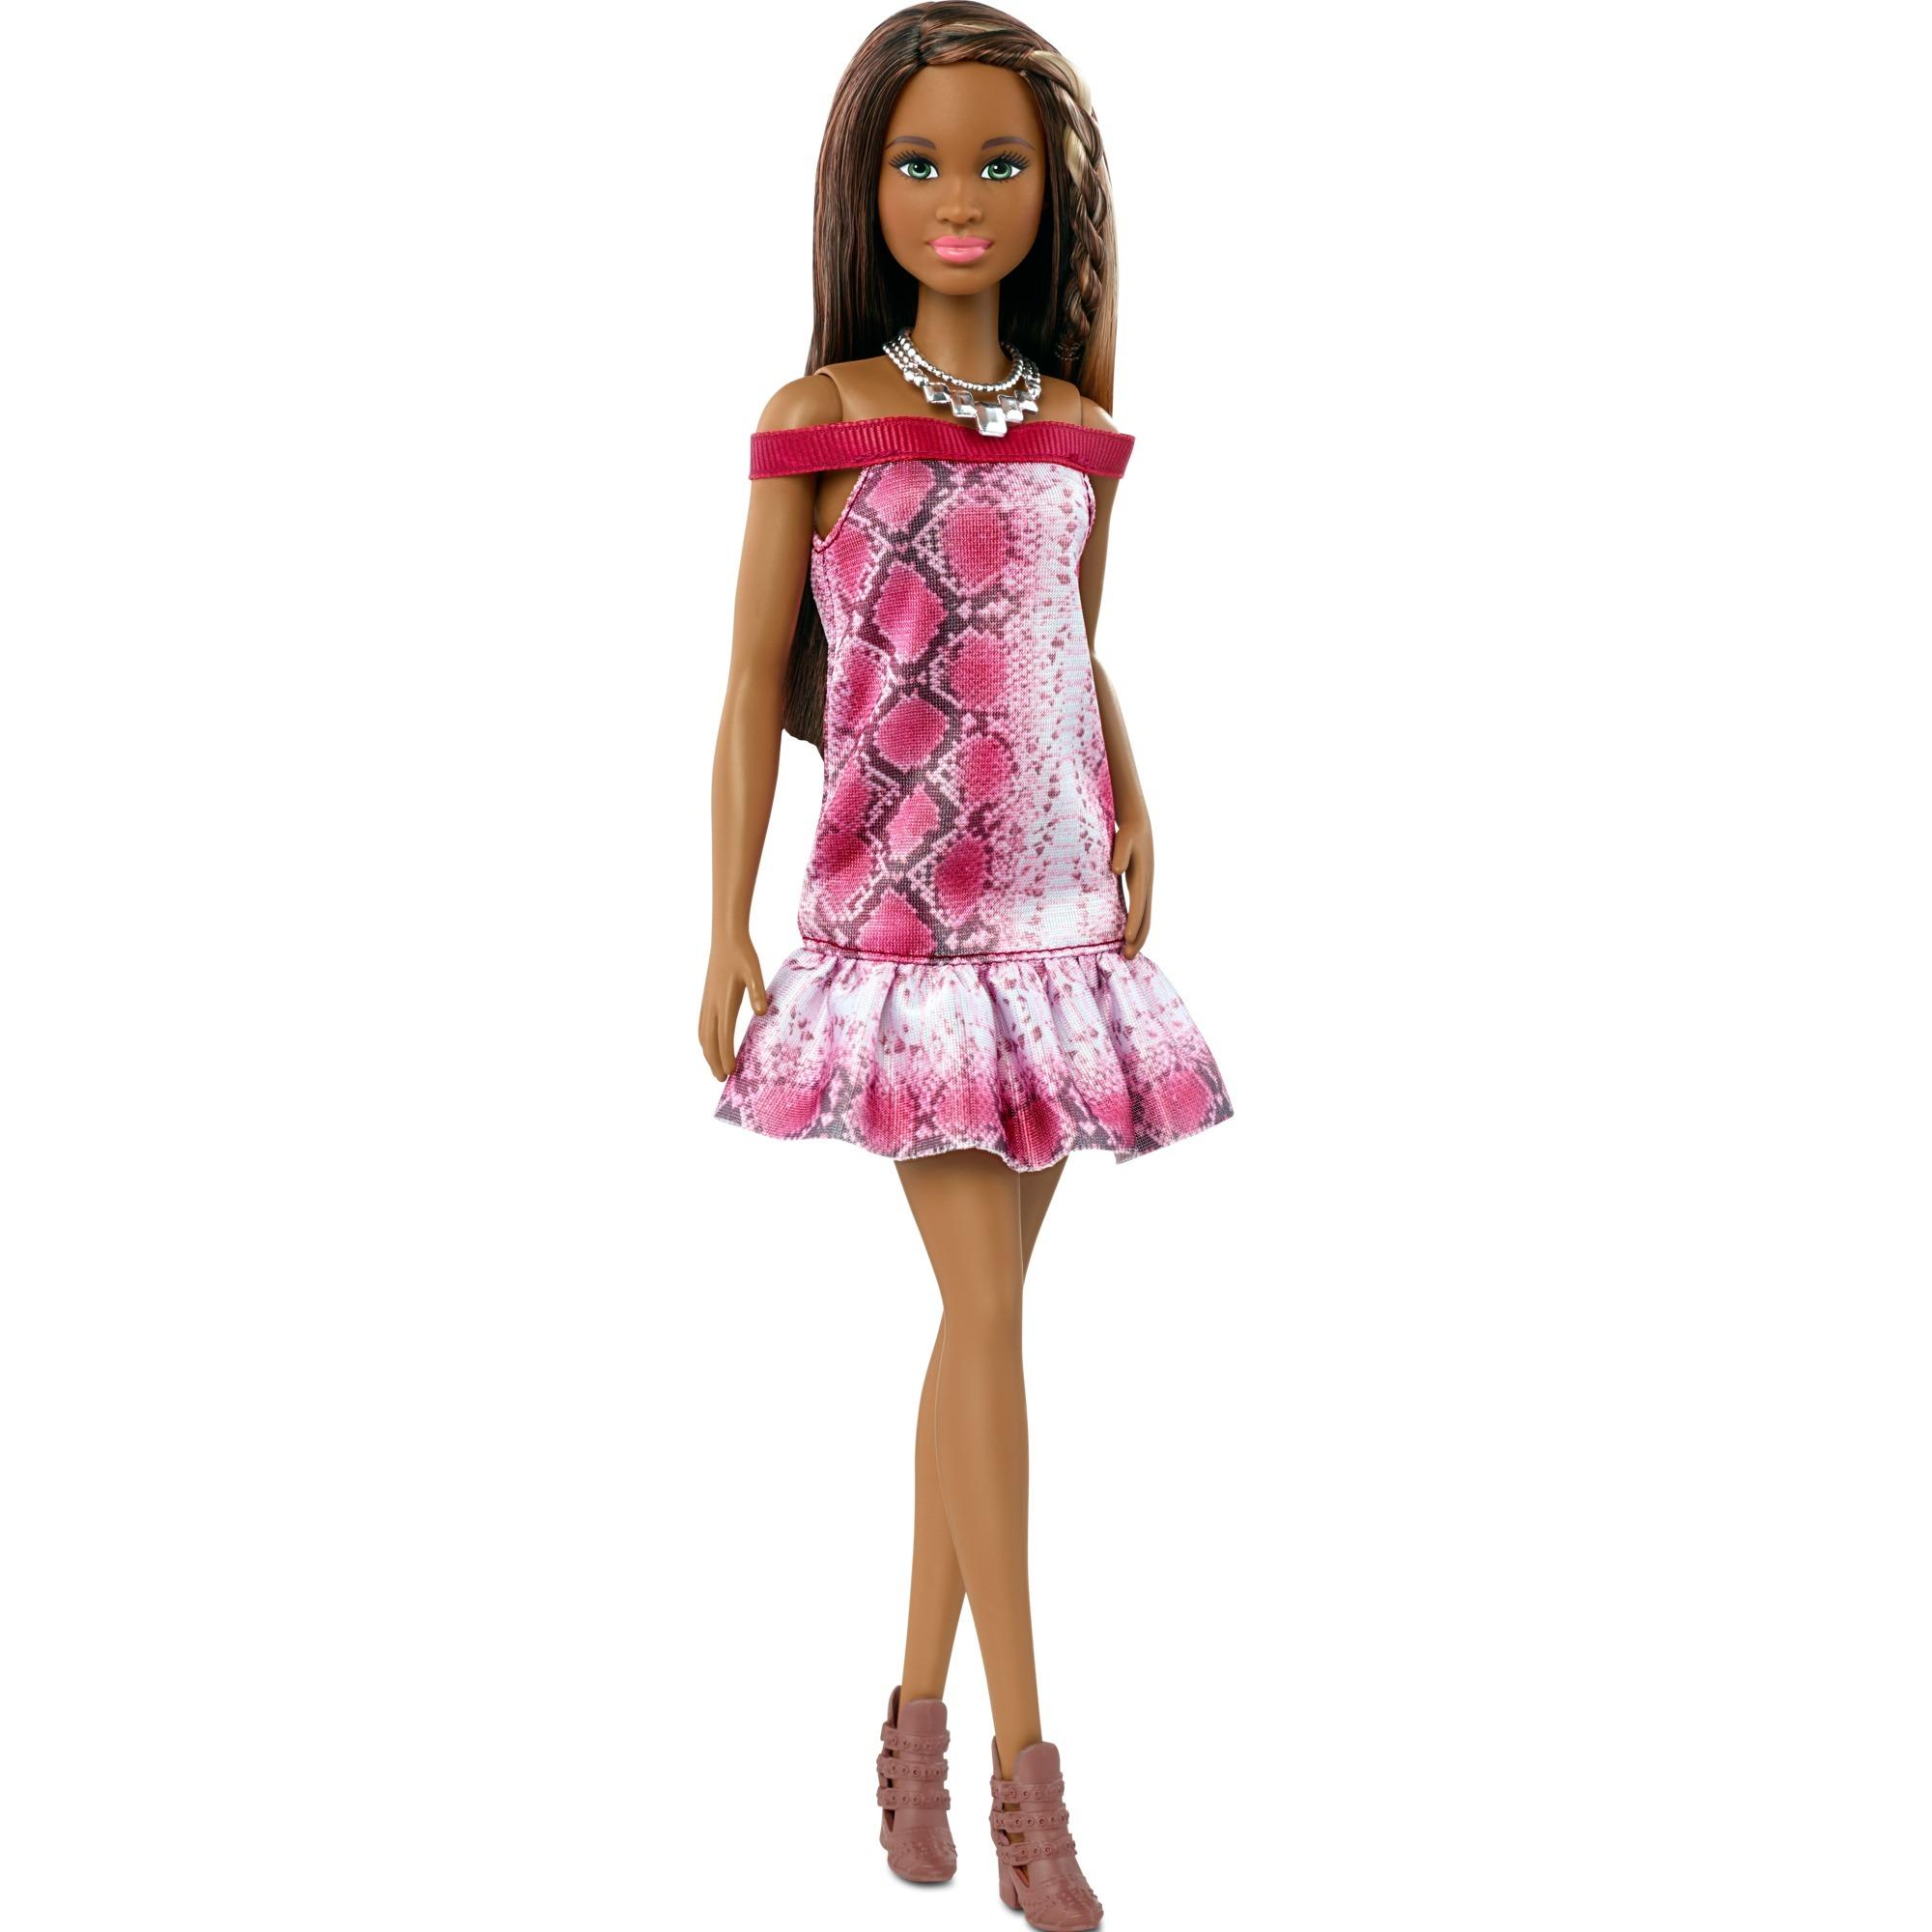 barbie-fashionista-dukke-med-slangeskinskjole